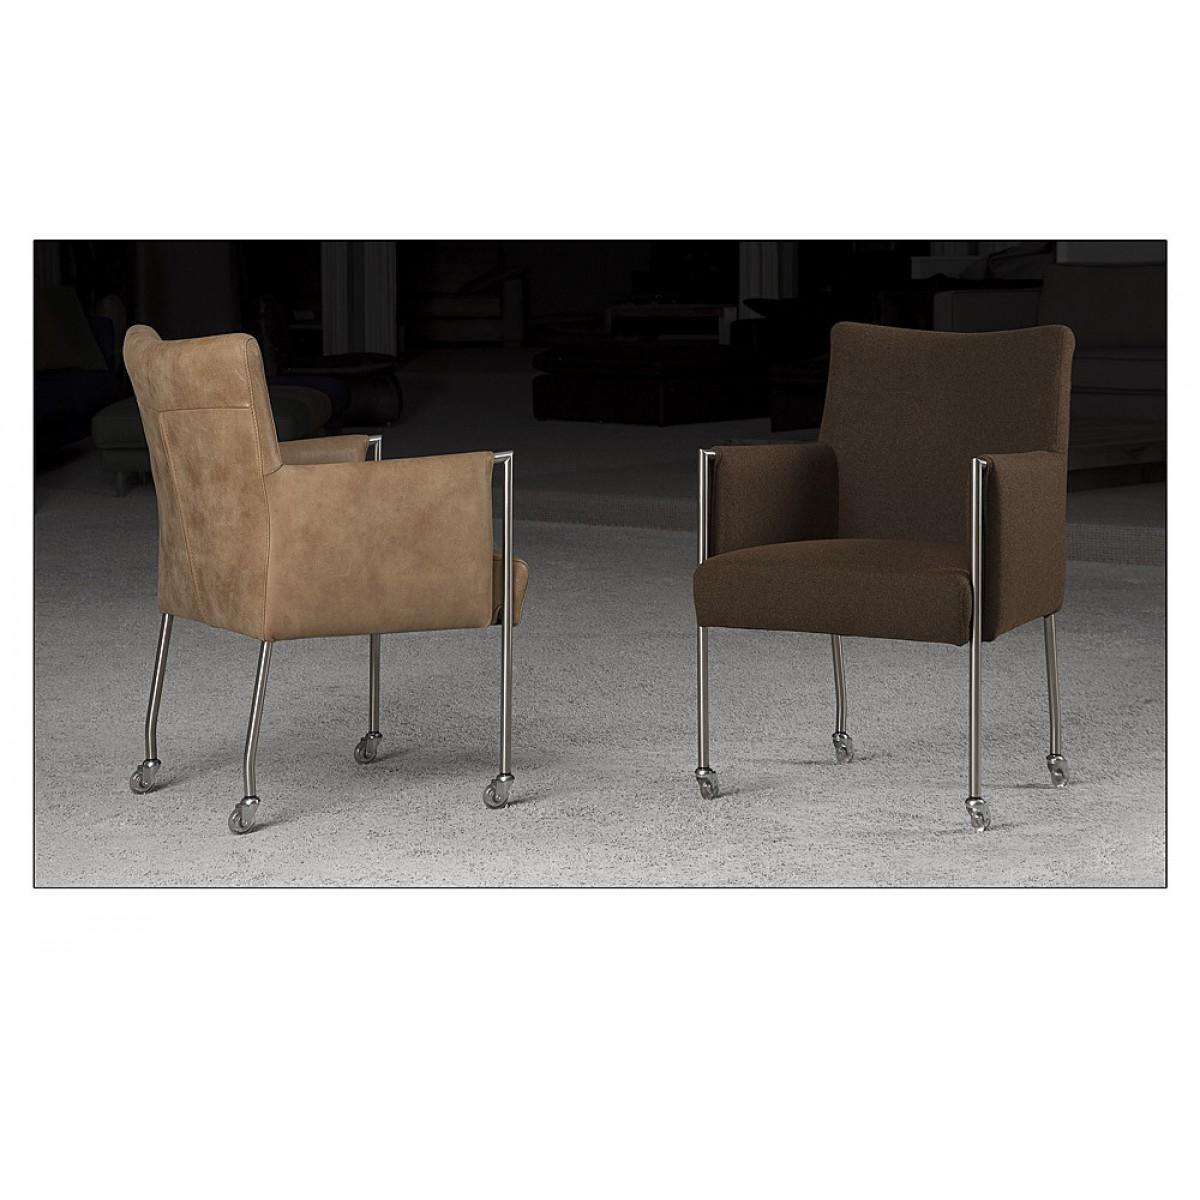 laura-armstoel-stoel-eetkamerstoel-op-wielen-stof-frost-het-anker-stock-foto